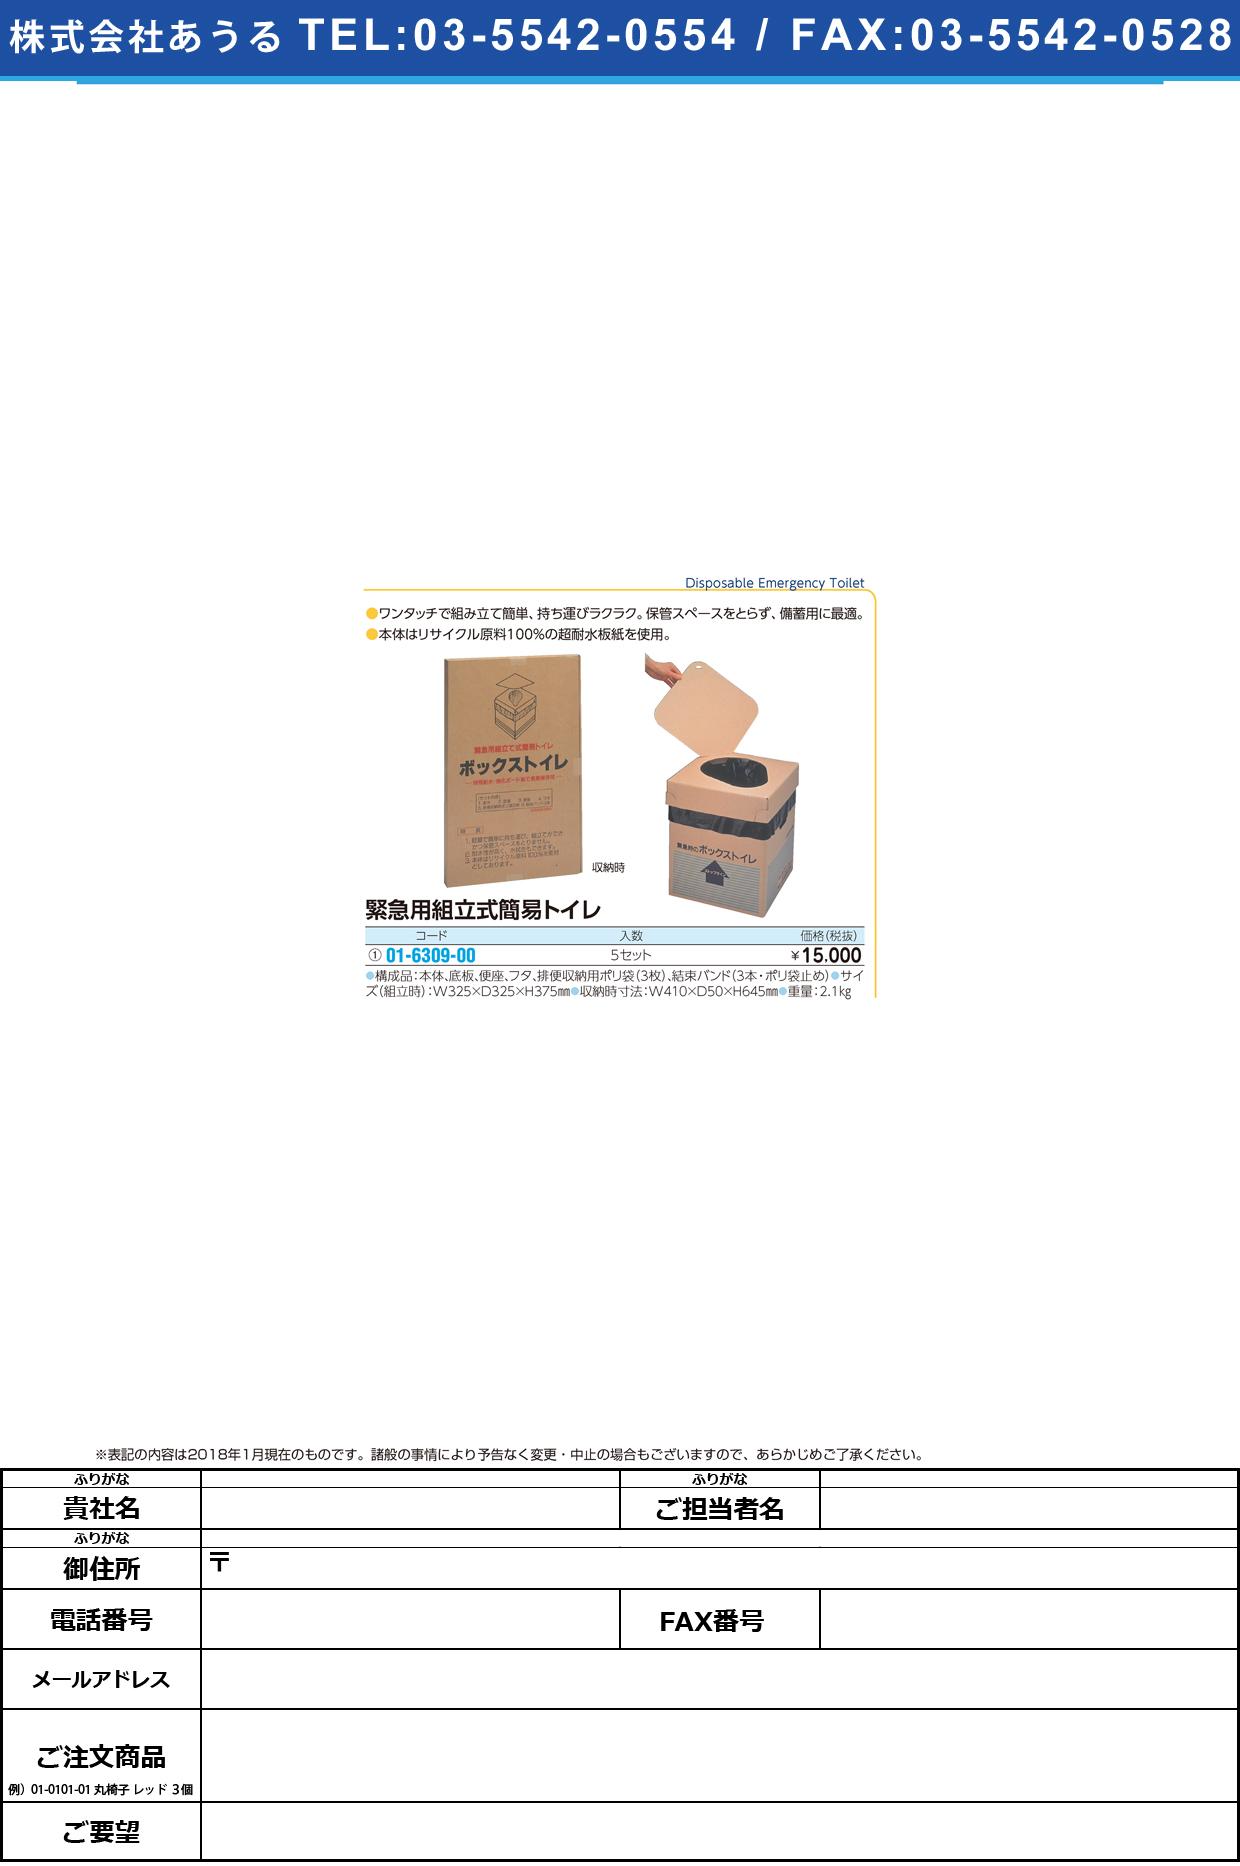 (01-6309-00)ボックストイレ(緊急用組立式) 90010(5セットイリ) ボックストイレ(キンキュウヨウクミタテ(日本製紙クレシア)【1箱単位】【2018年カタログ商品】